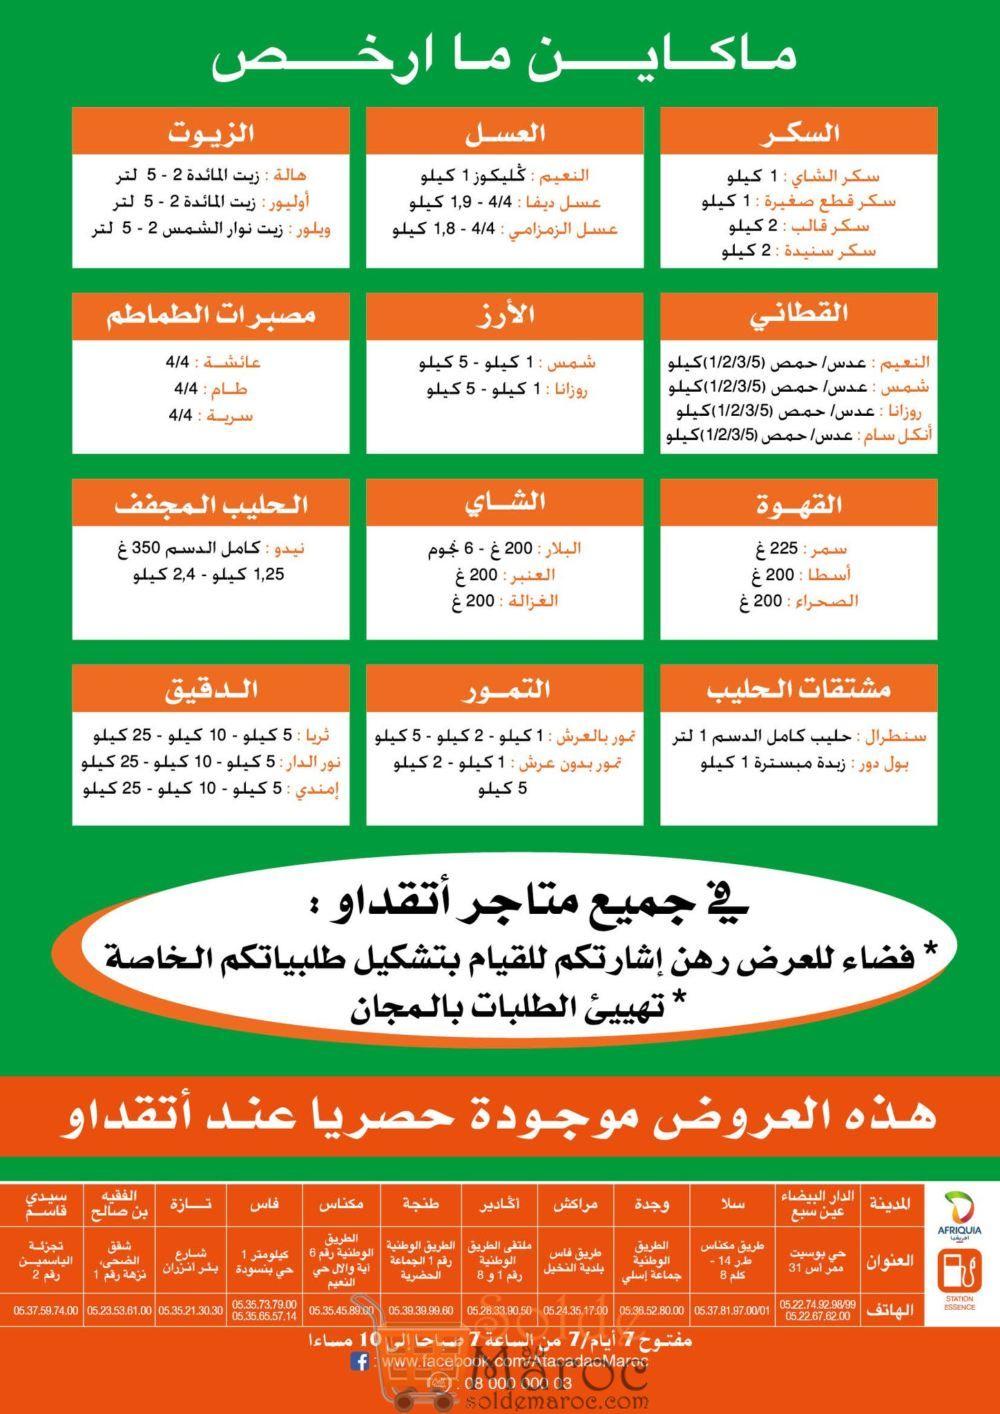 Catalogue Atacadao Maroc قفة رمضان لفعل الخير du 19 Avril au 19 Juin 2018